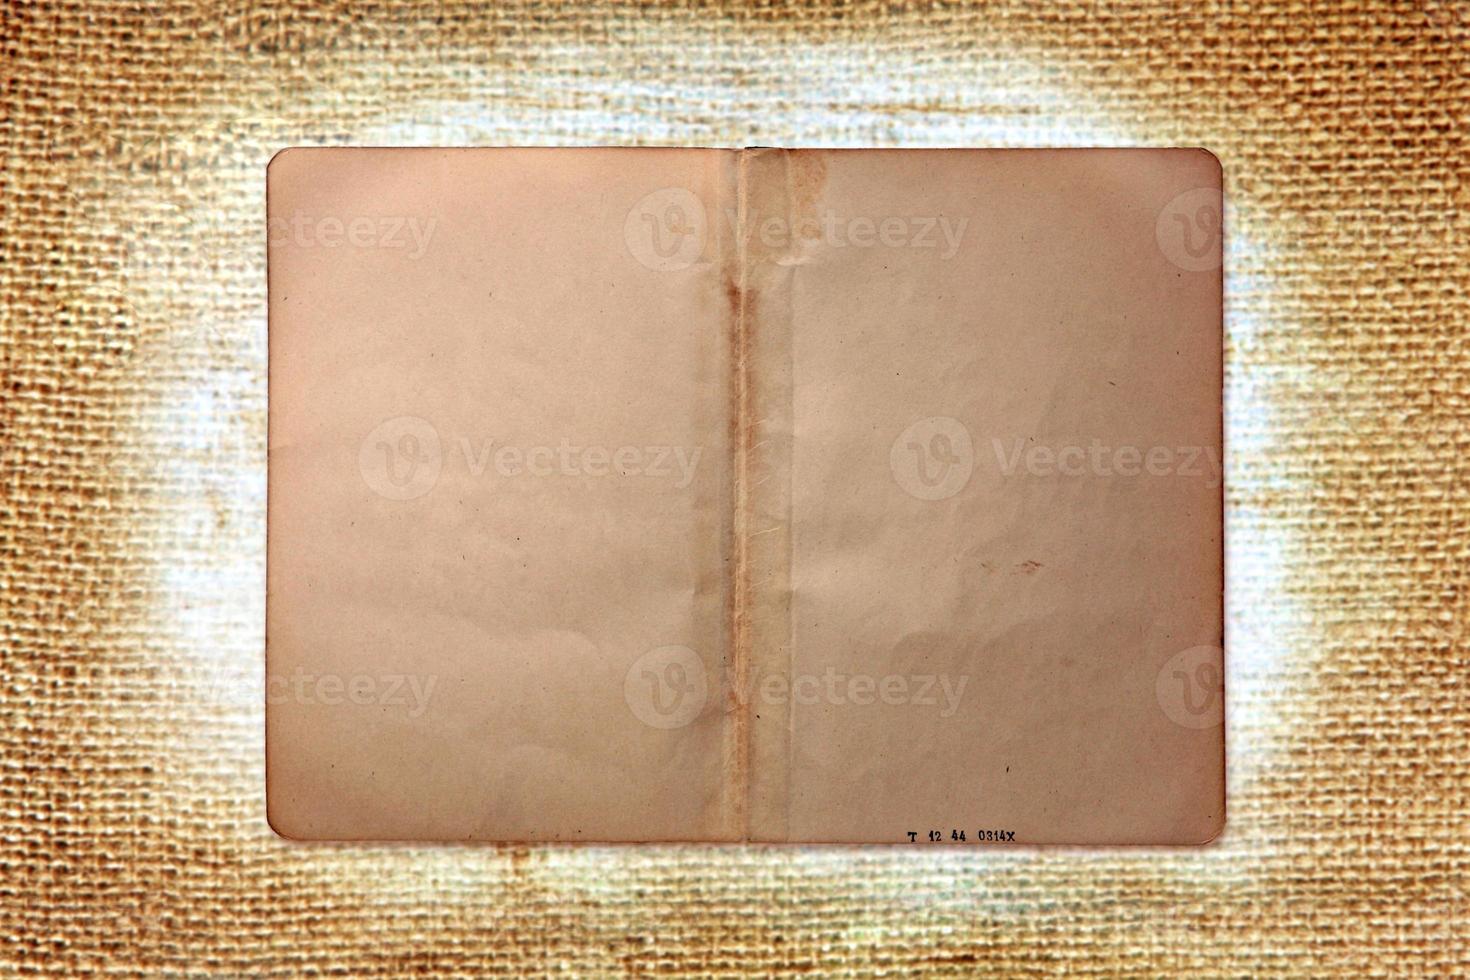 pagine di libri sgangherati vintage su sfondo di tela foto